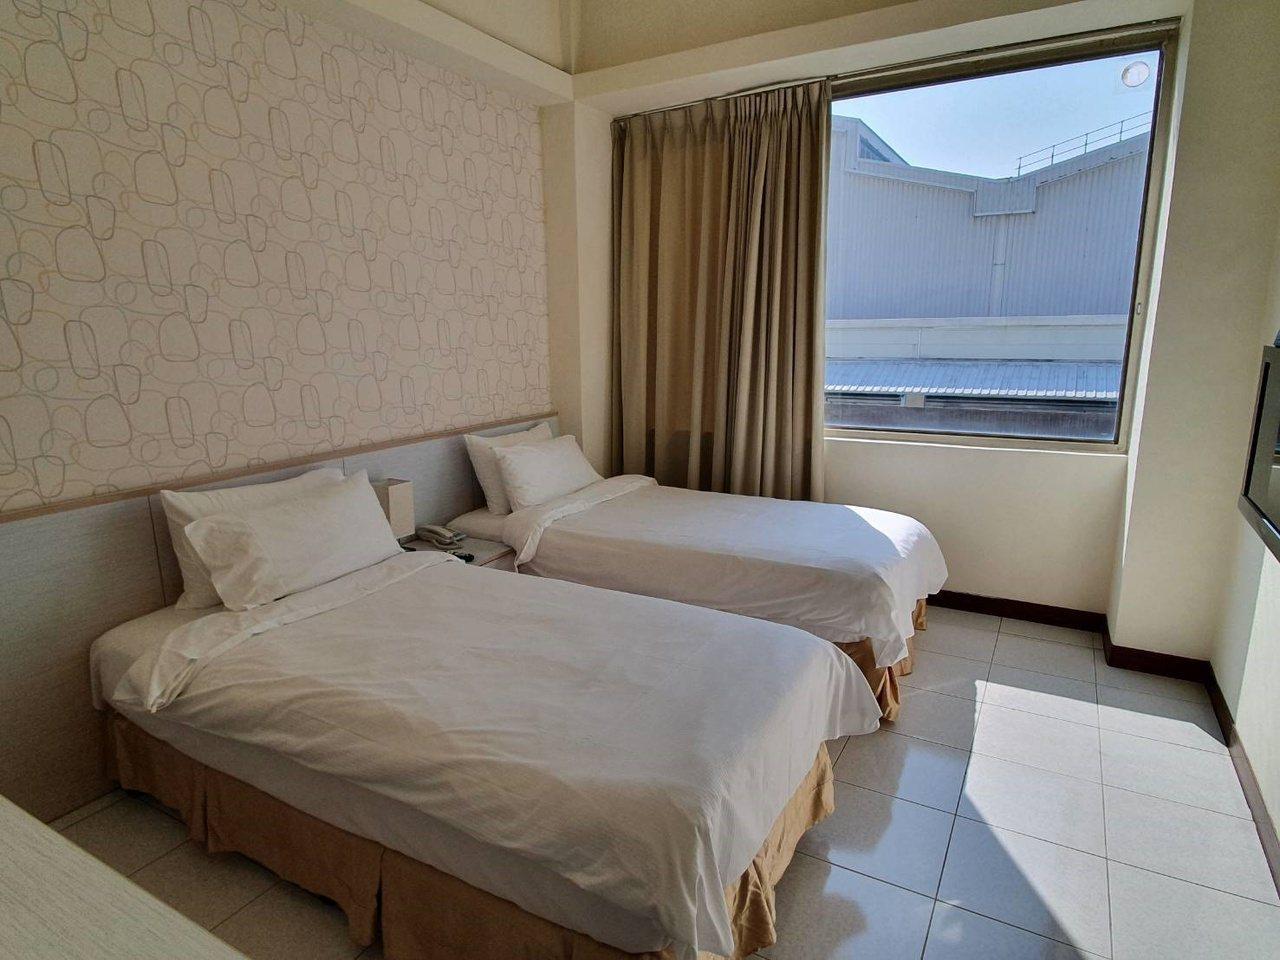 北投會館提供民眾雅潔舒適的住宿環境。 圖/楊正海 攝影